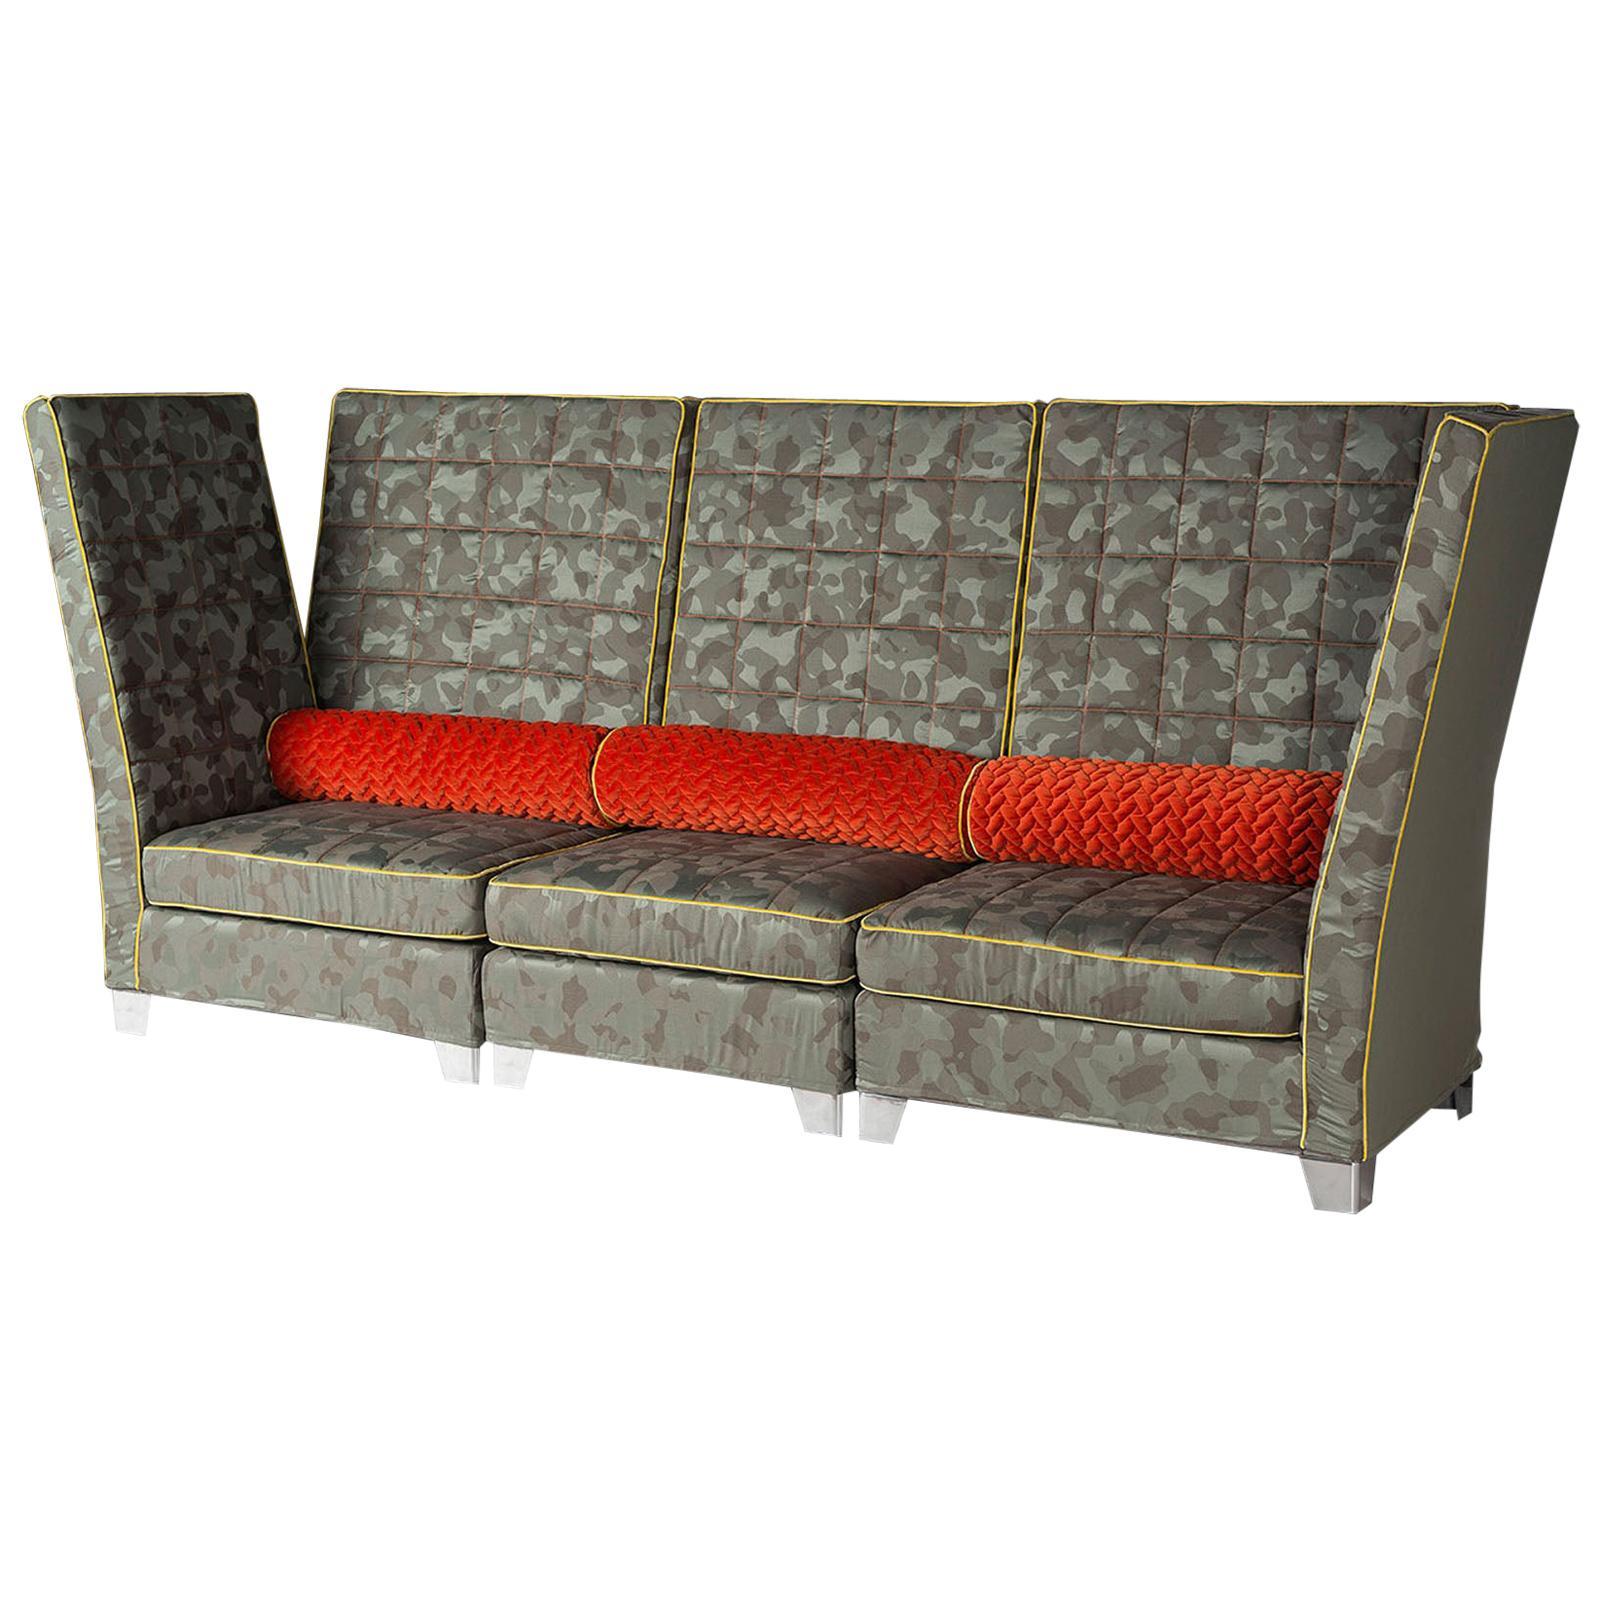 Modular Sofa Tosca, Rubelli Fabric, Made in Italy